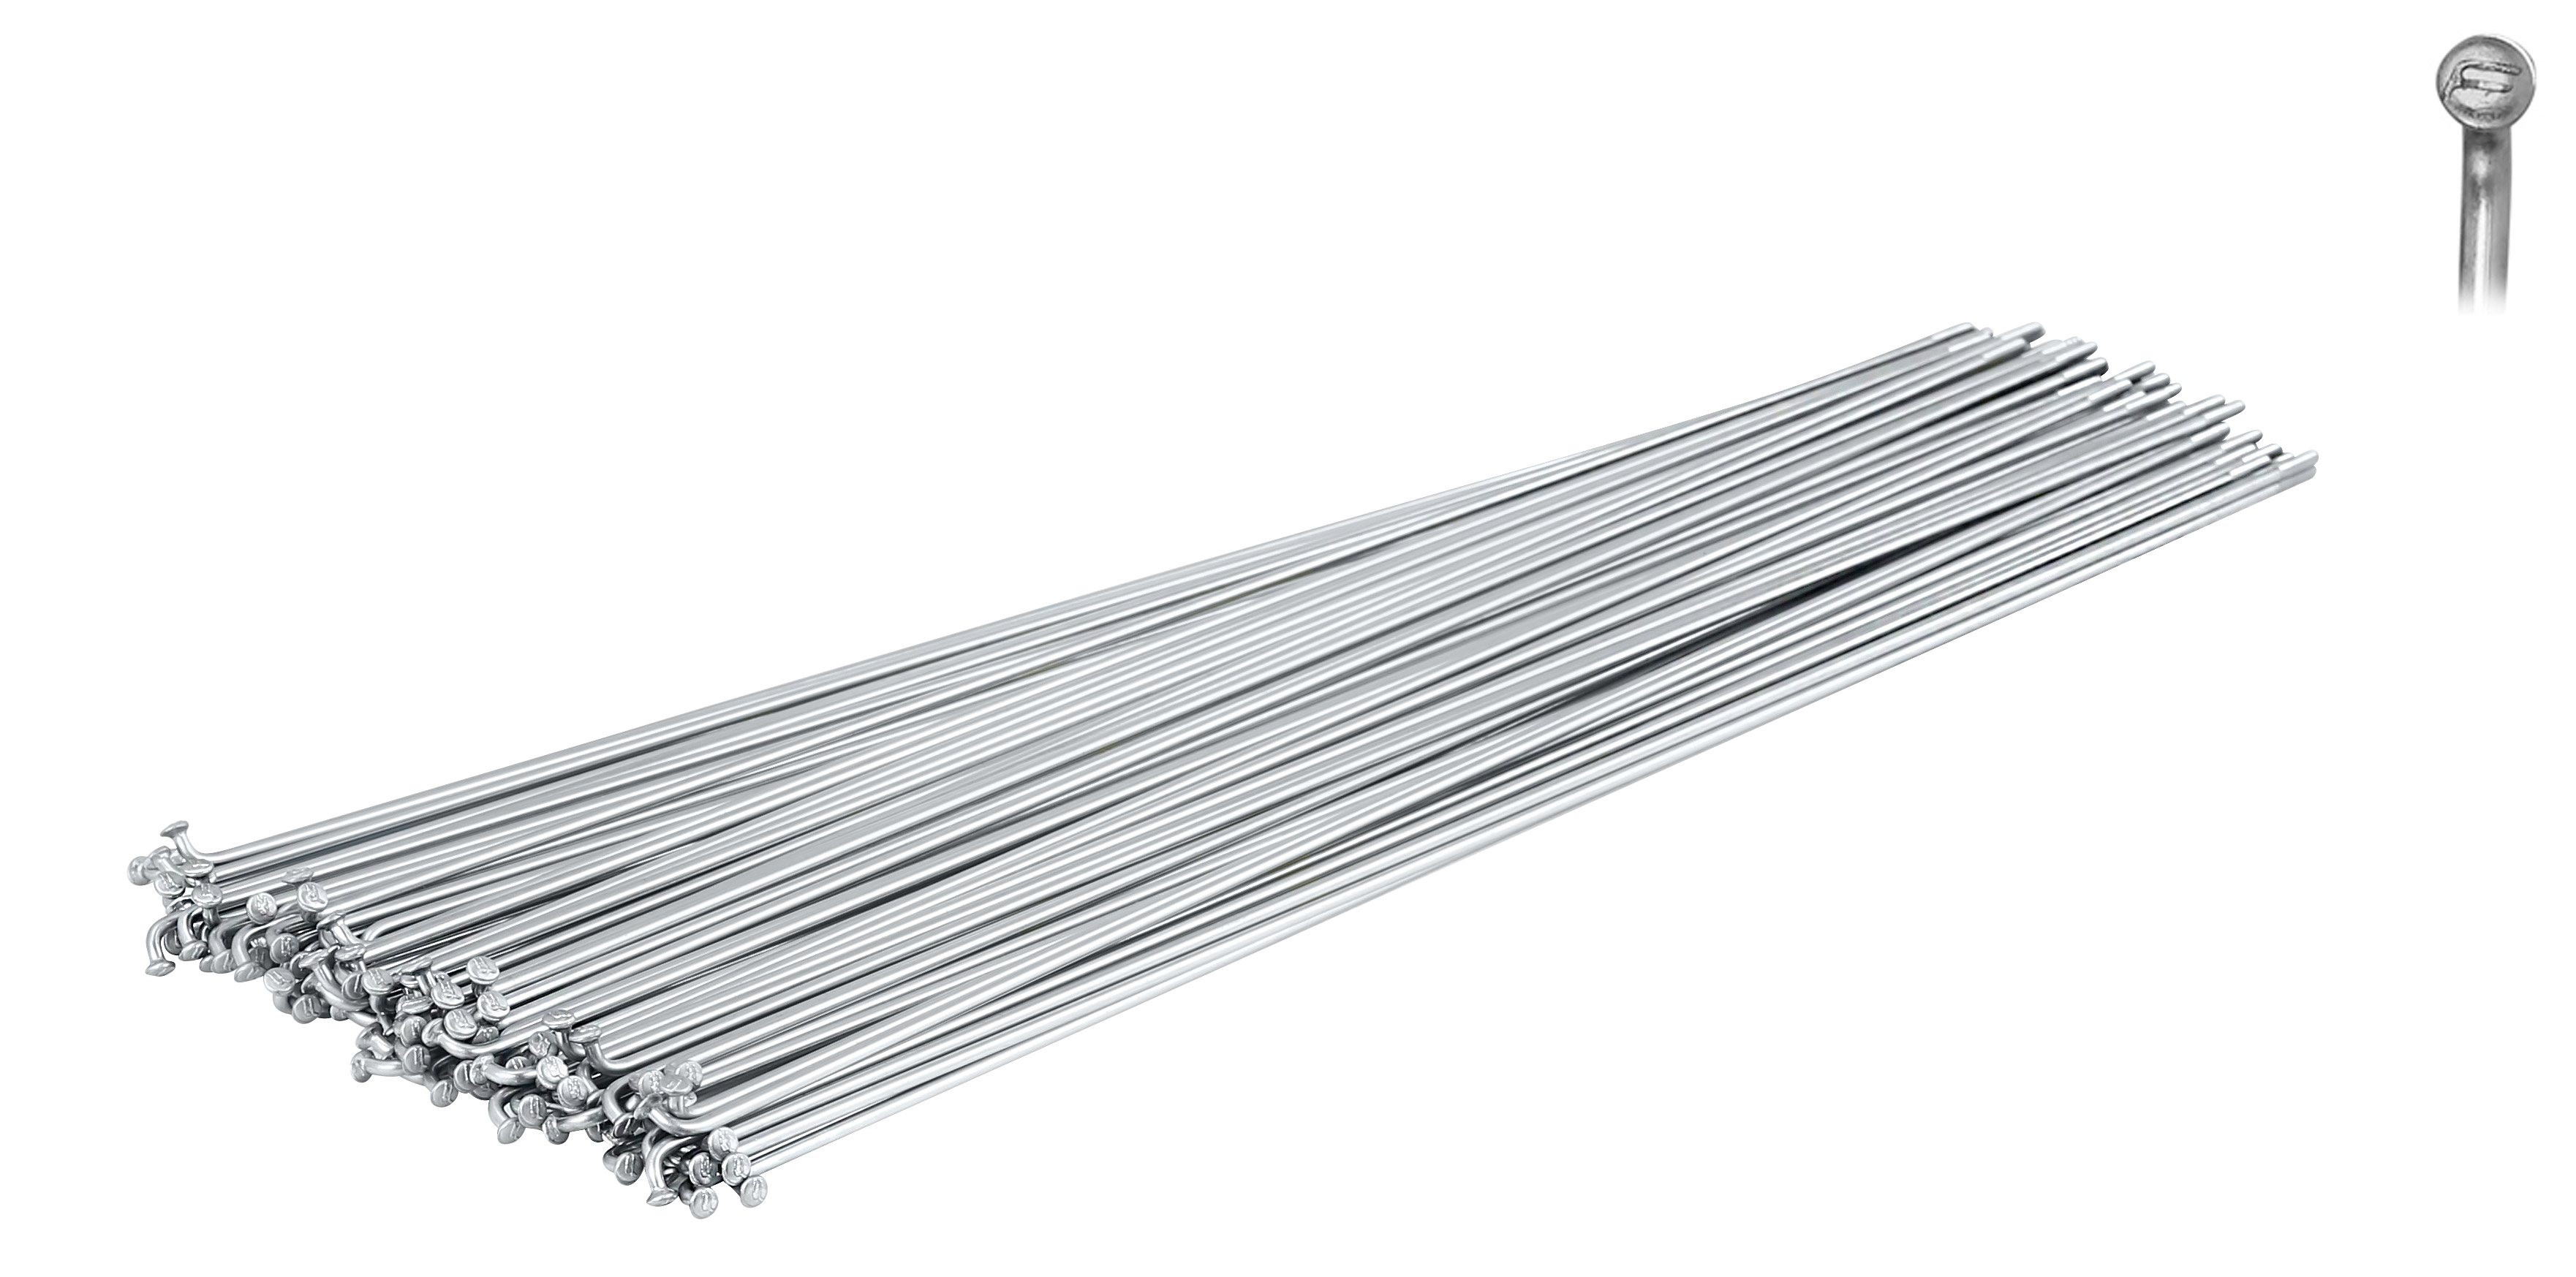 dráty FORCE nerez stříbrné 2 mm x 284 mm